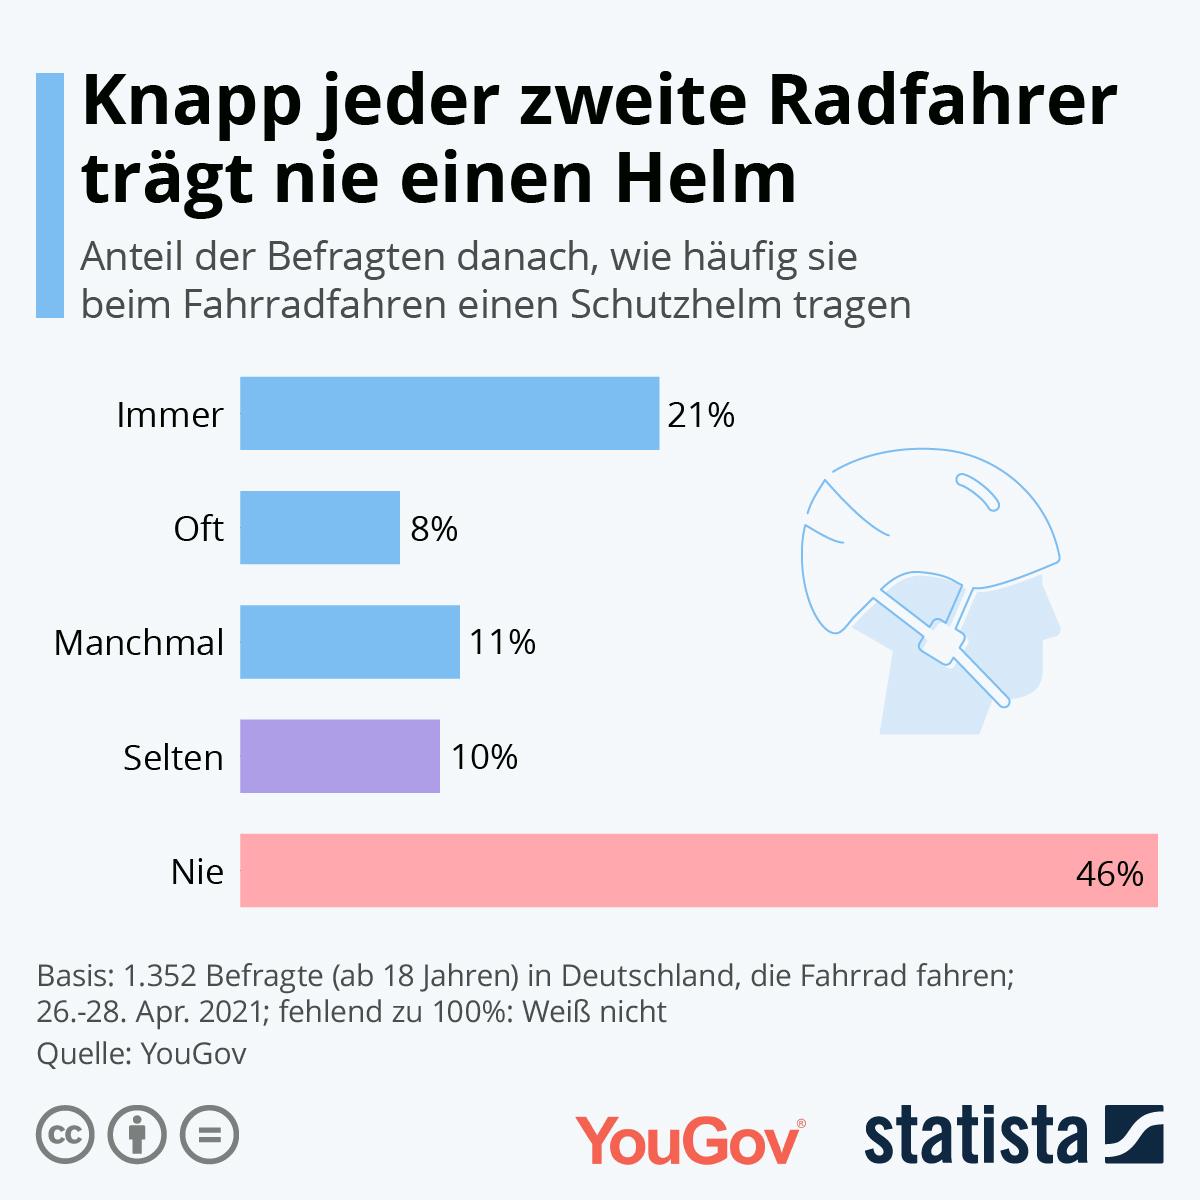 Hälfte der deutschen Radfahrer trägt zumindest hin und wieder einen Helm